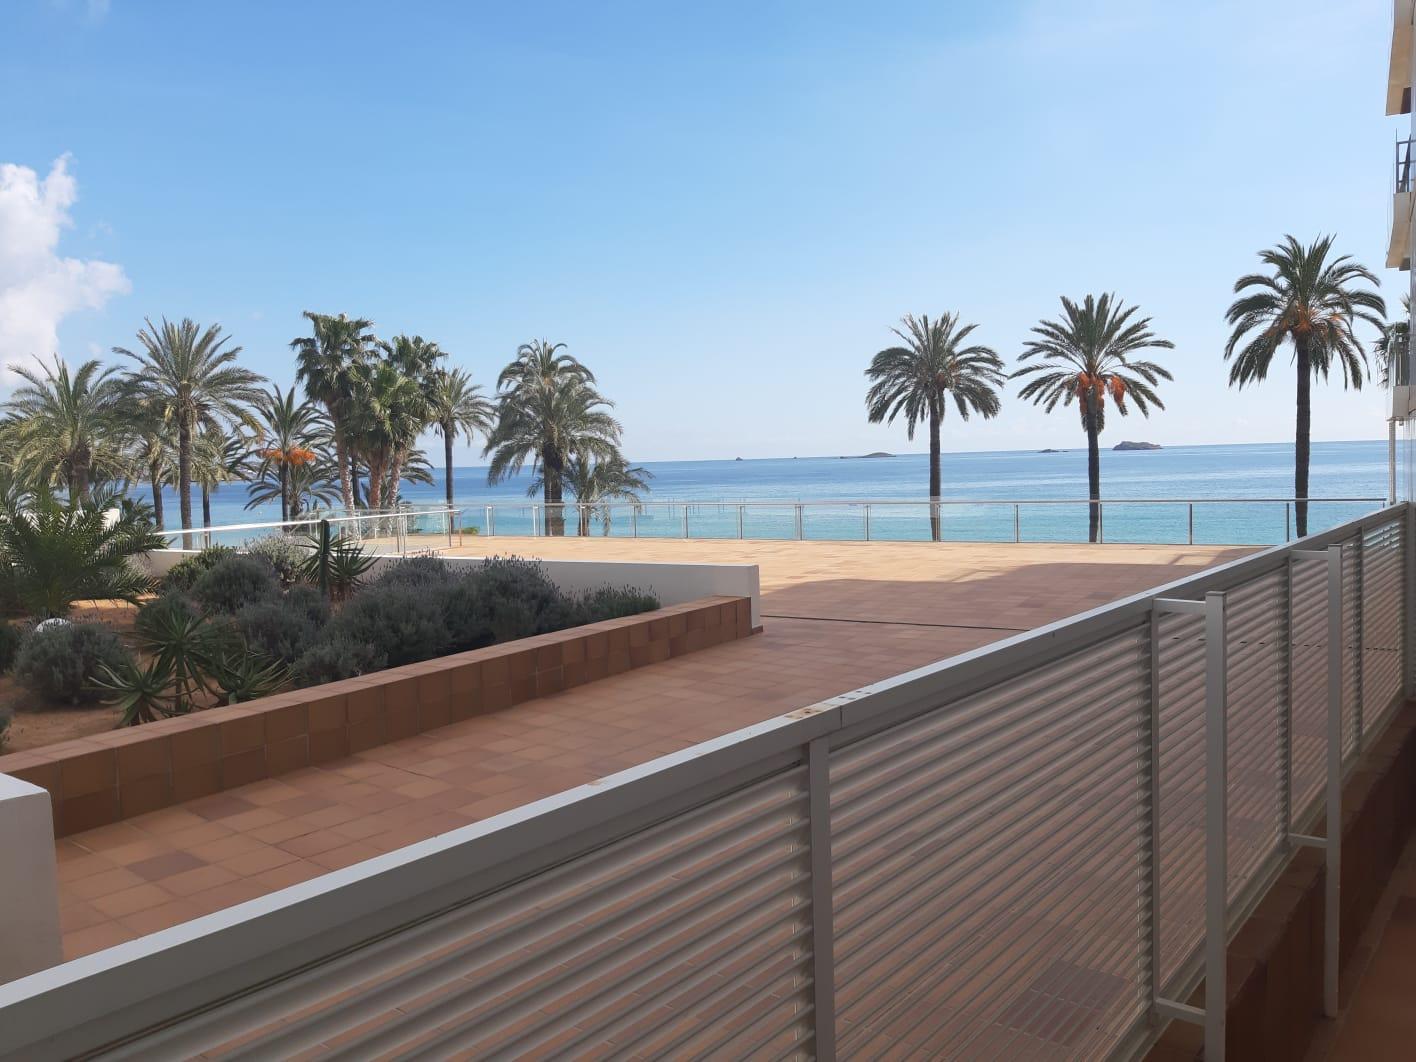 شقة 3 غرف نوم جميلة للبيع في الإقامة الفاخرة على شاطئ البحر في إيبيزا